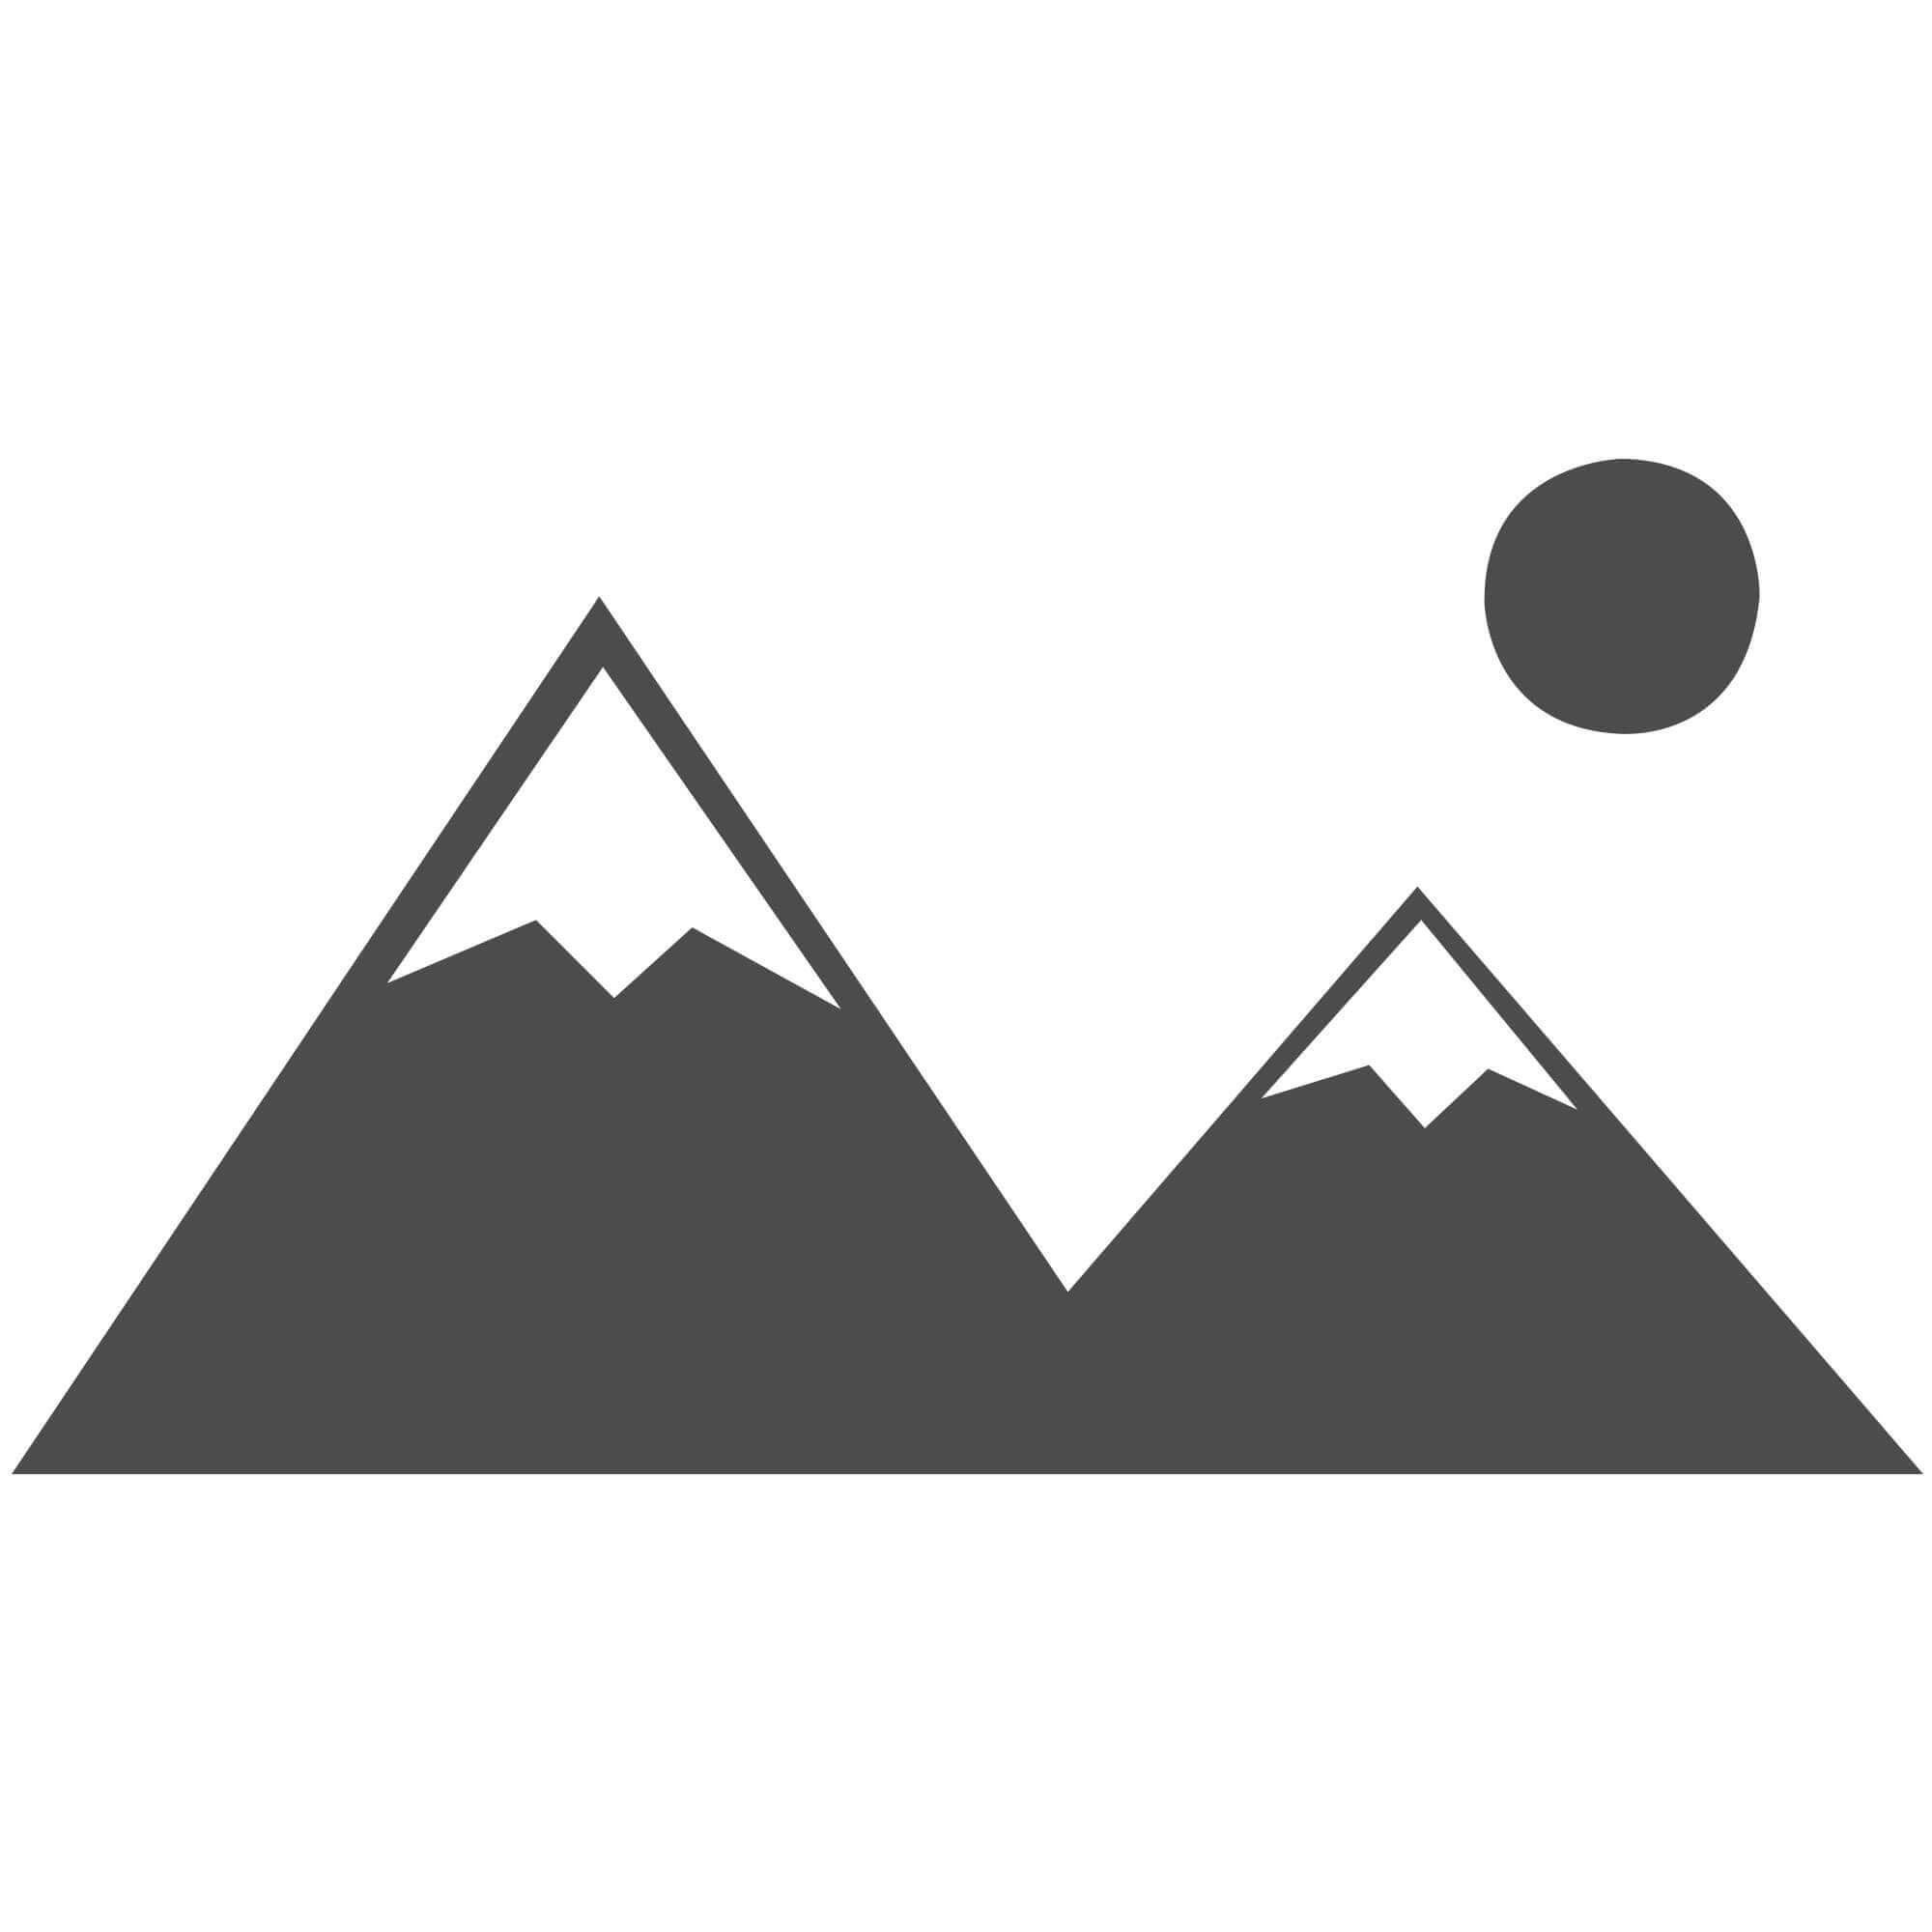 Balboa Limestone Fireplace with chamber